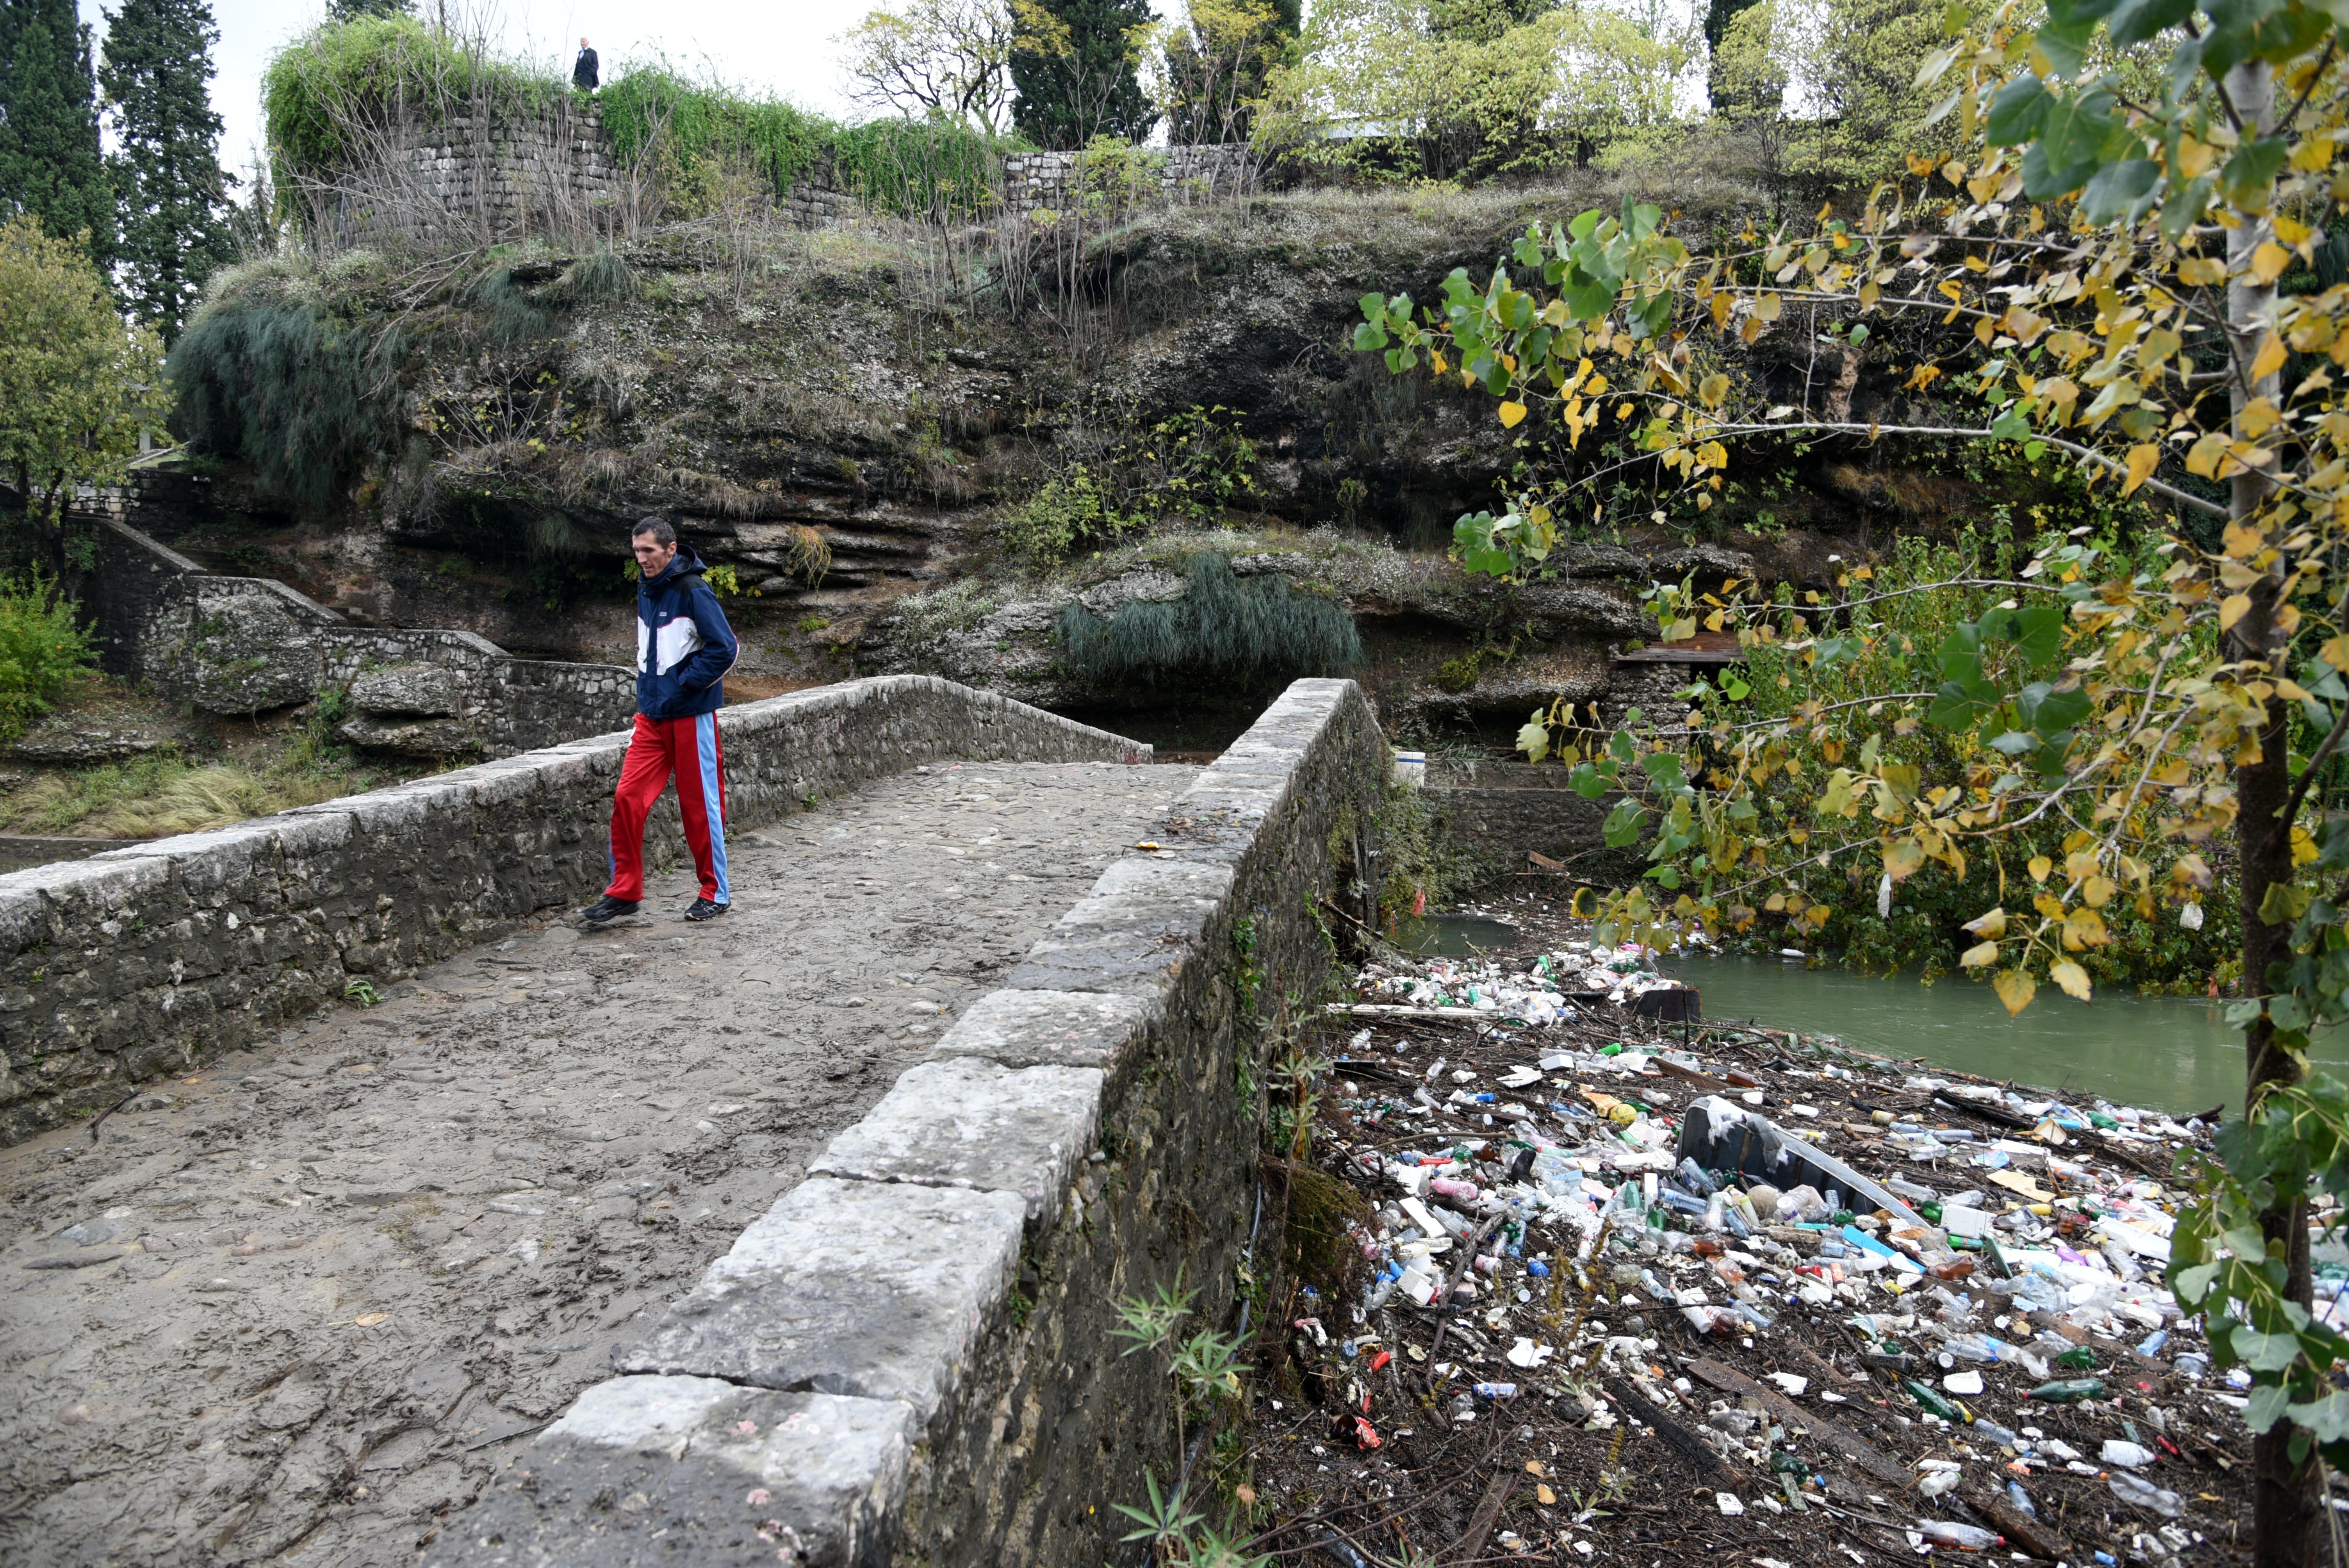 Smeće koje je rijeka izbacila poslije poplave (foto: Boris Pejović)